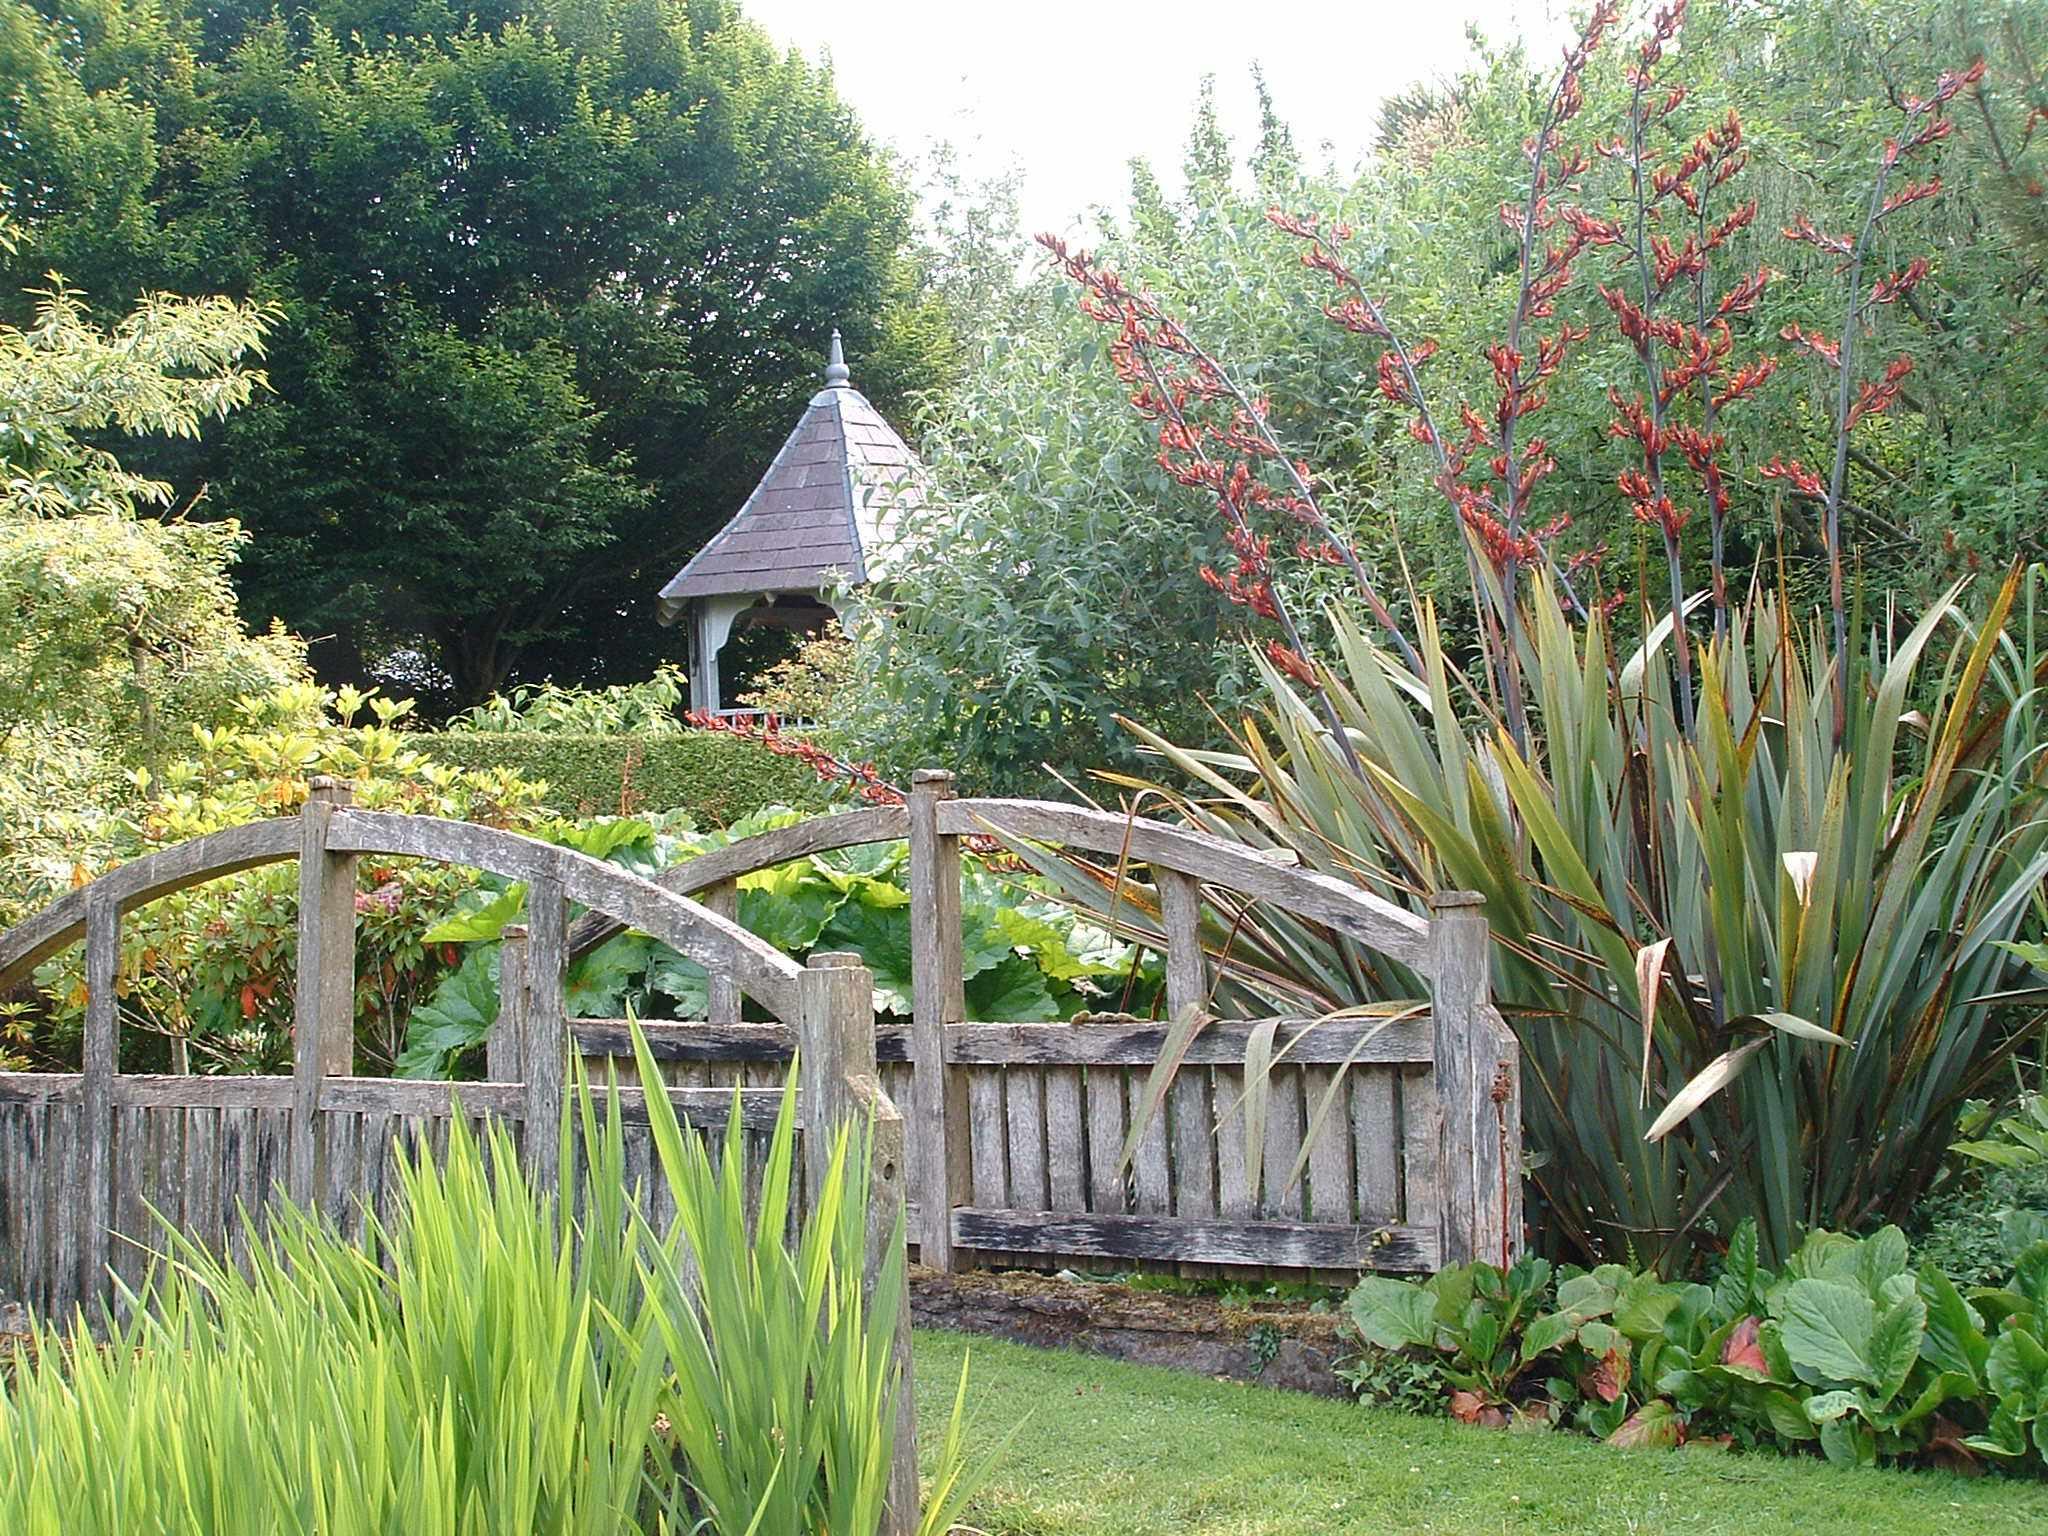 Gash Gardens & Nursery